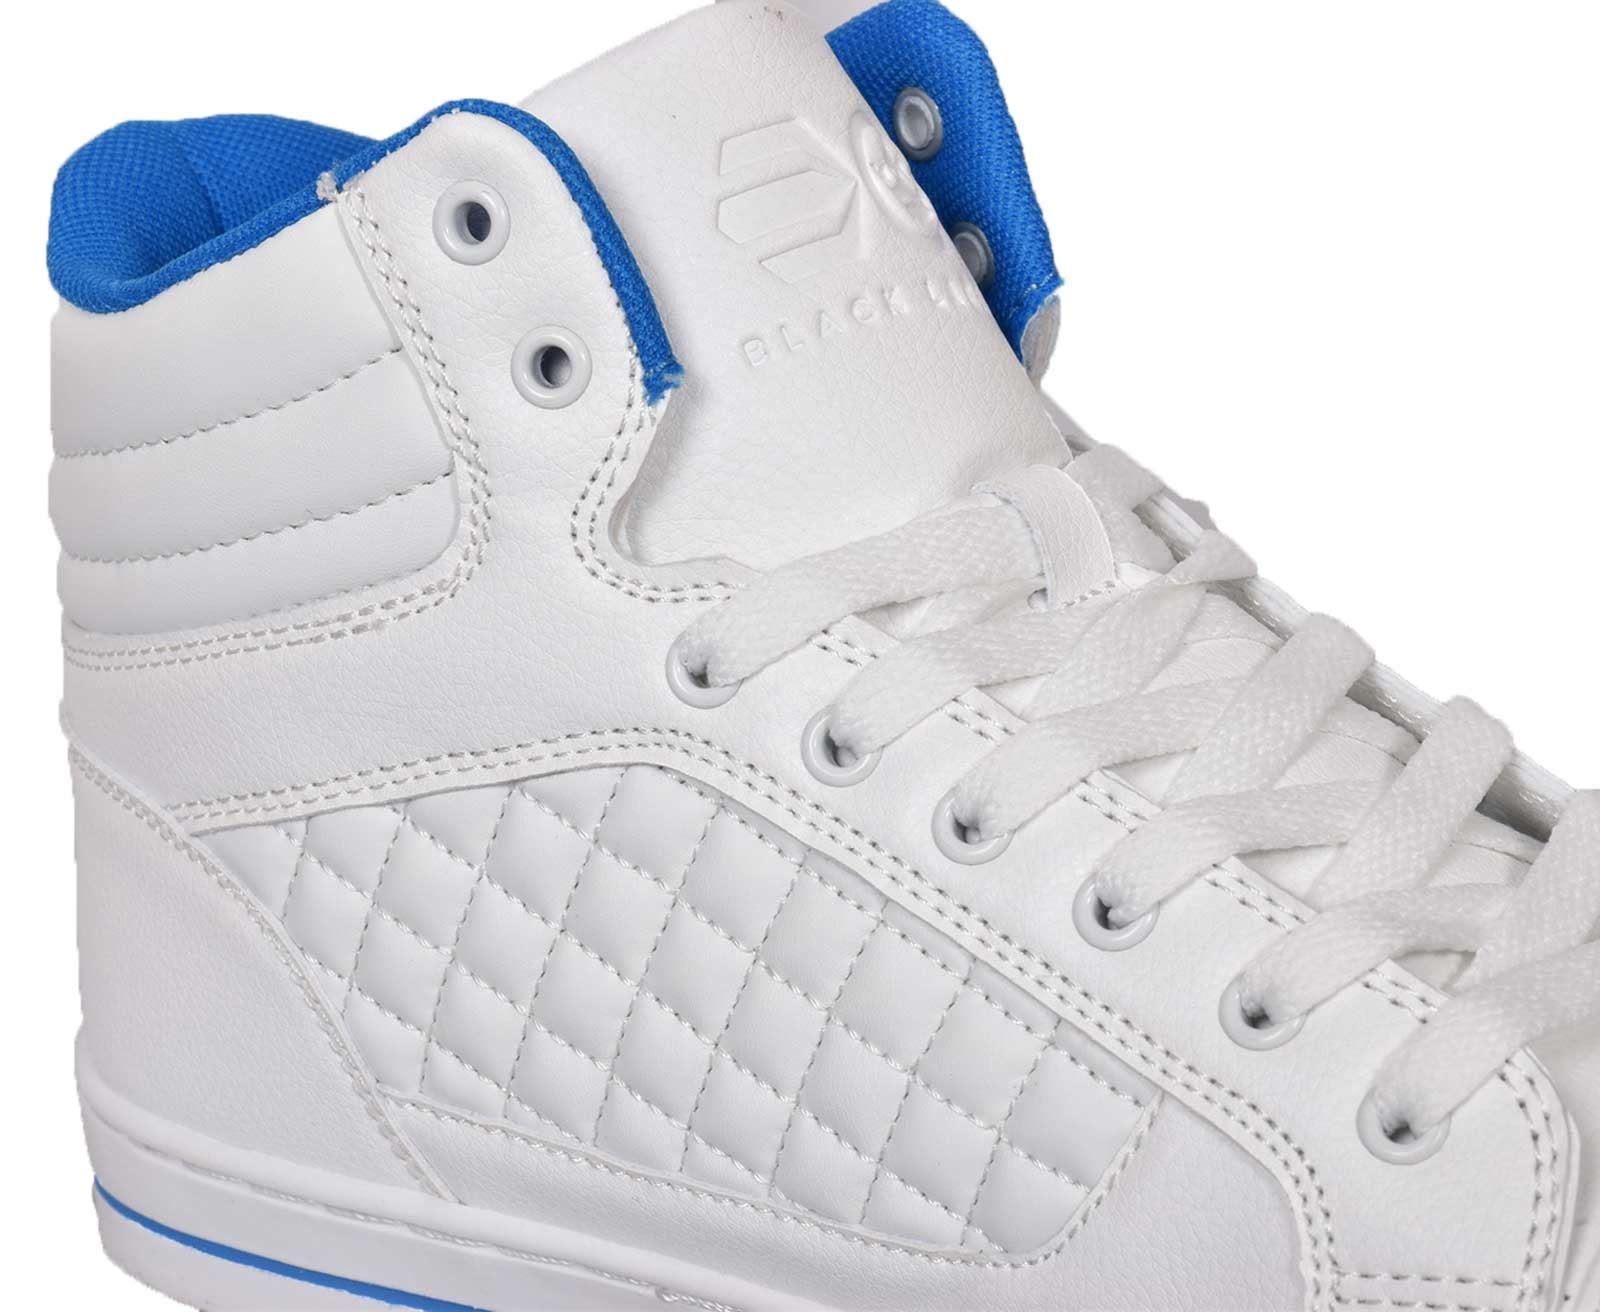 Schuhe Schaks